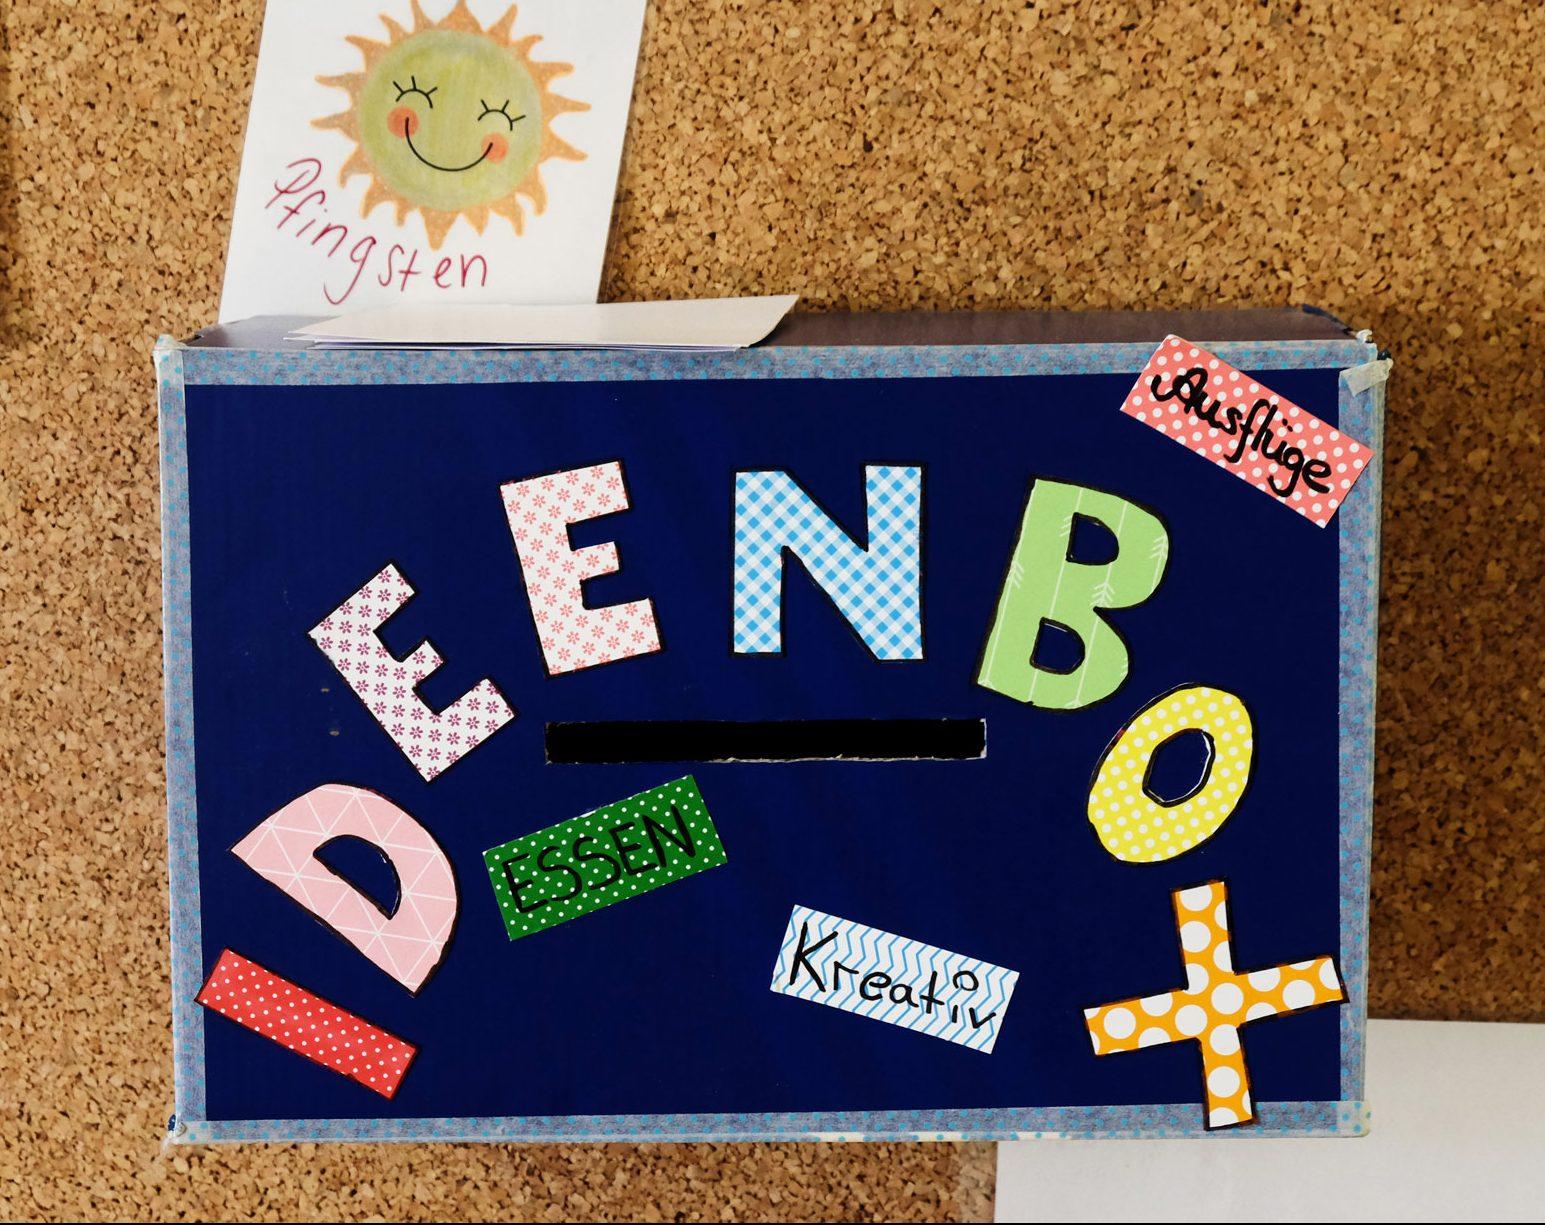 Blaue Ideenbox mit bunten Buchstaben vor einer Korkwand